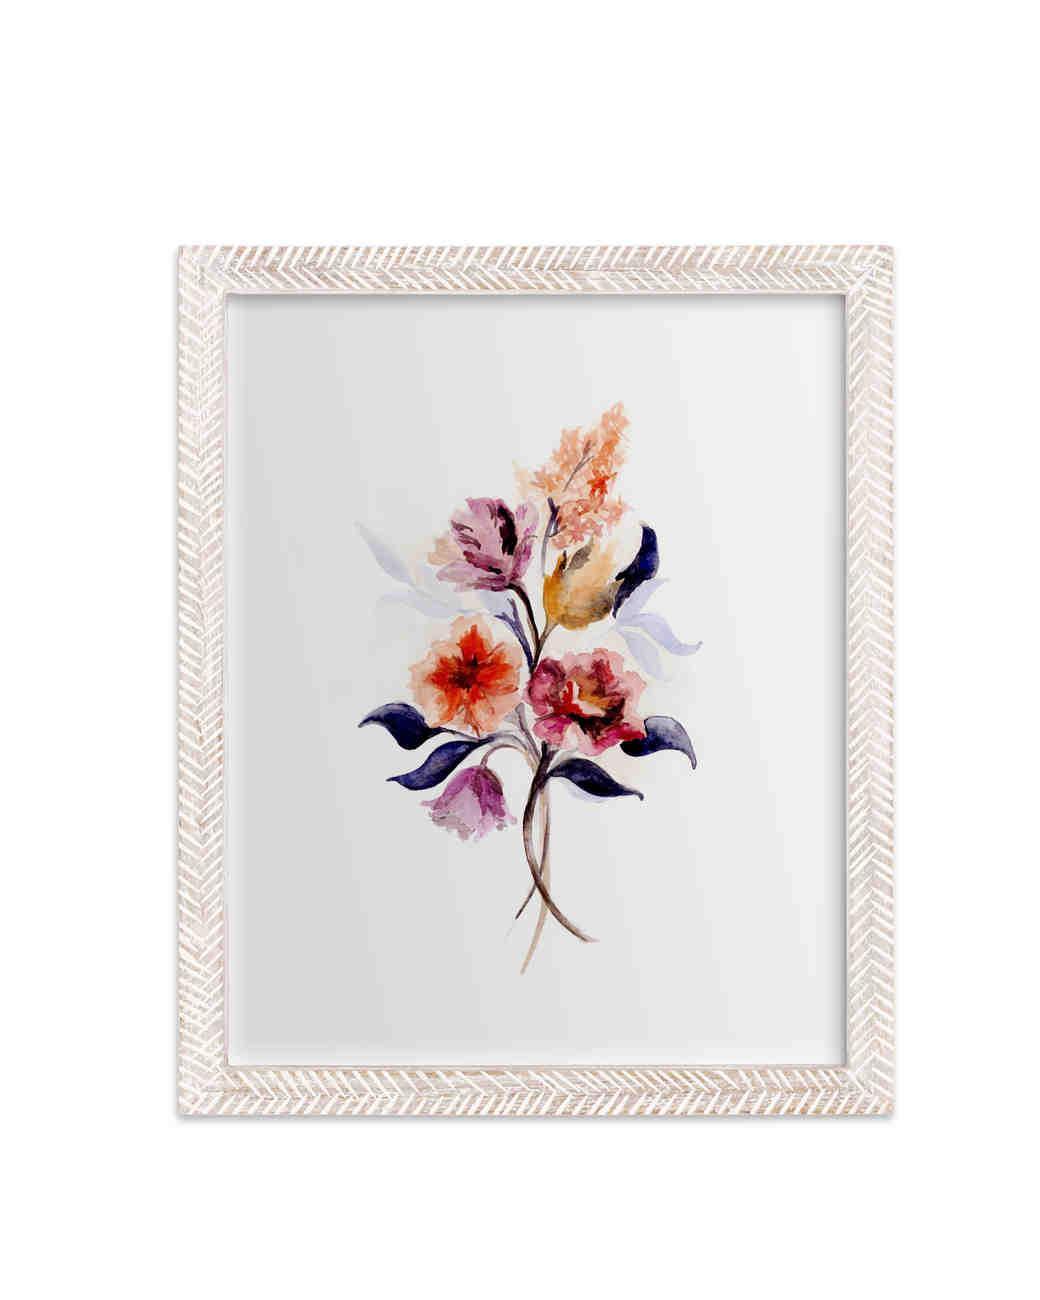 mother-bride-groom-gift-minted-art-print-0415.jpg